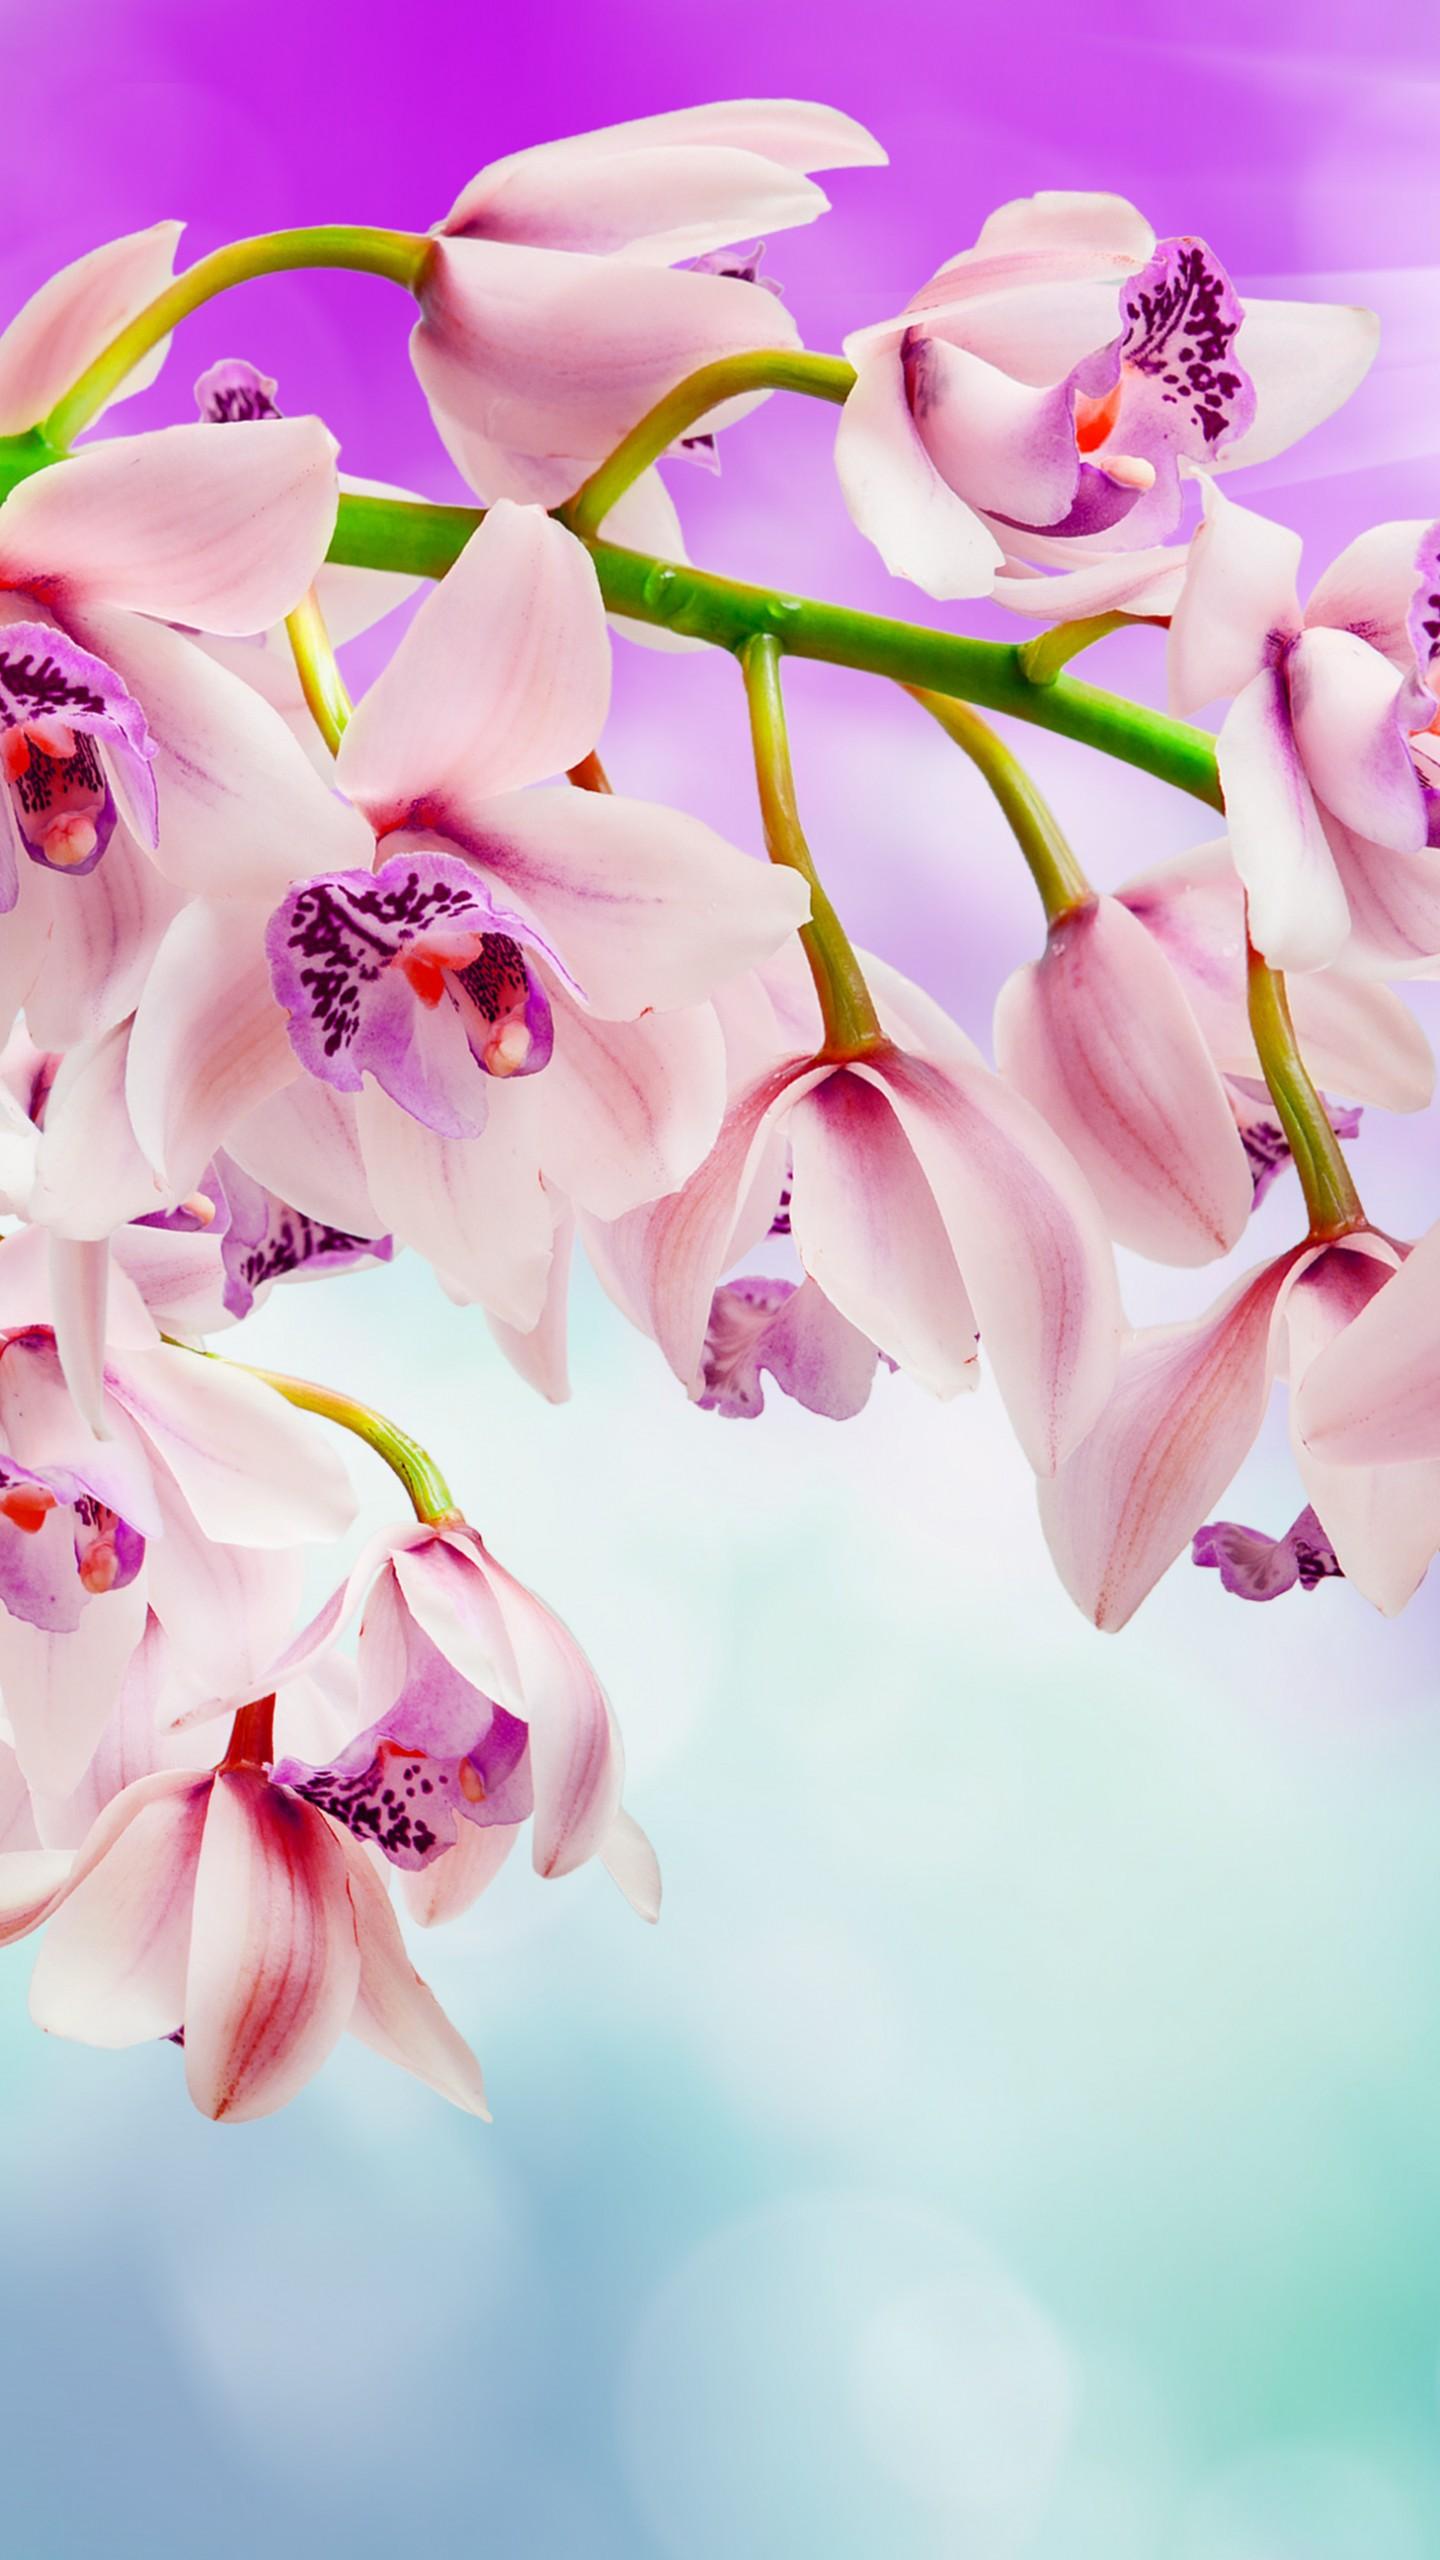 عکس زمینه گل های ارکیده بسیار زیبا پس زمینه